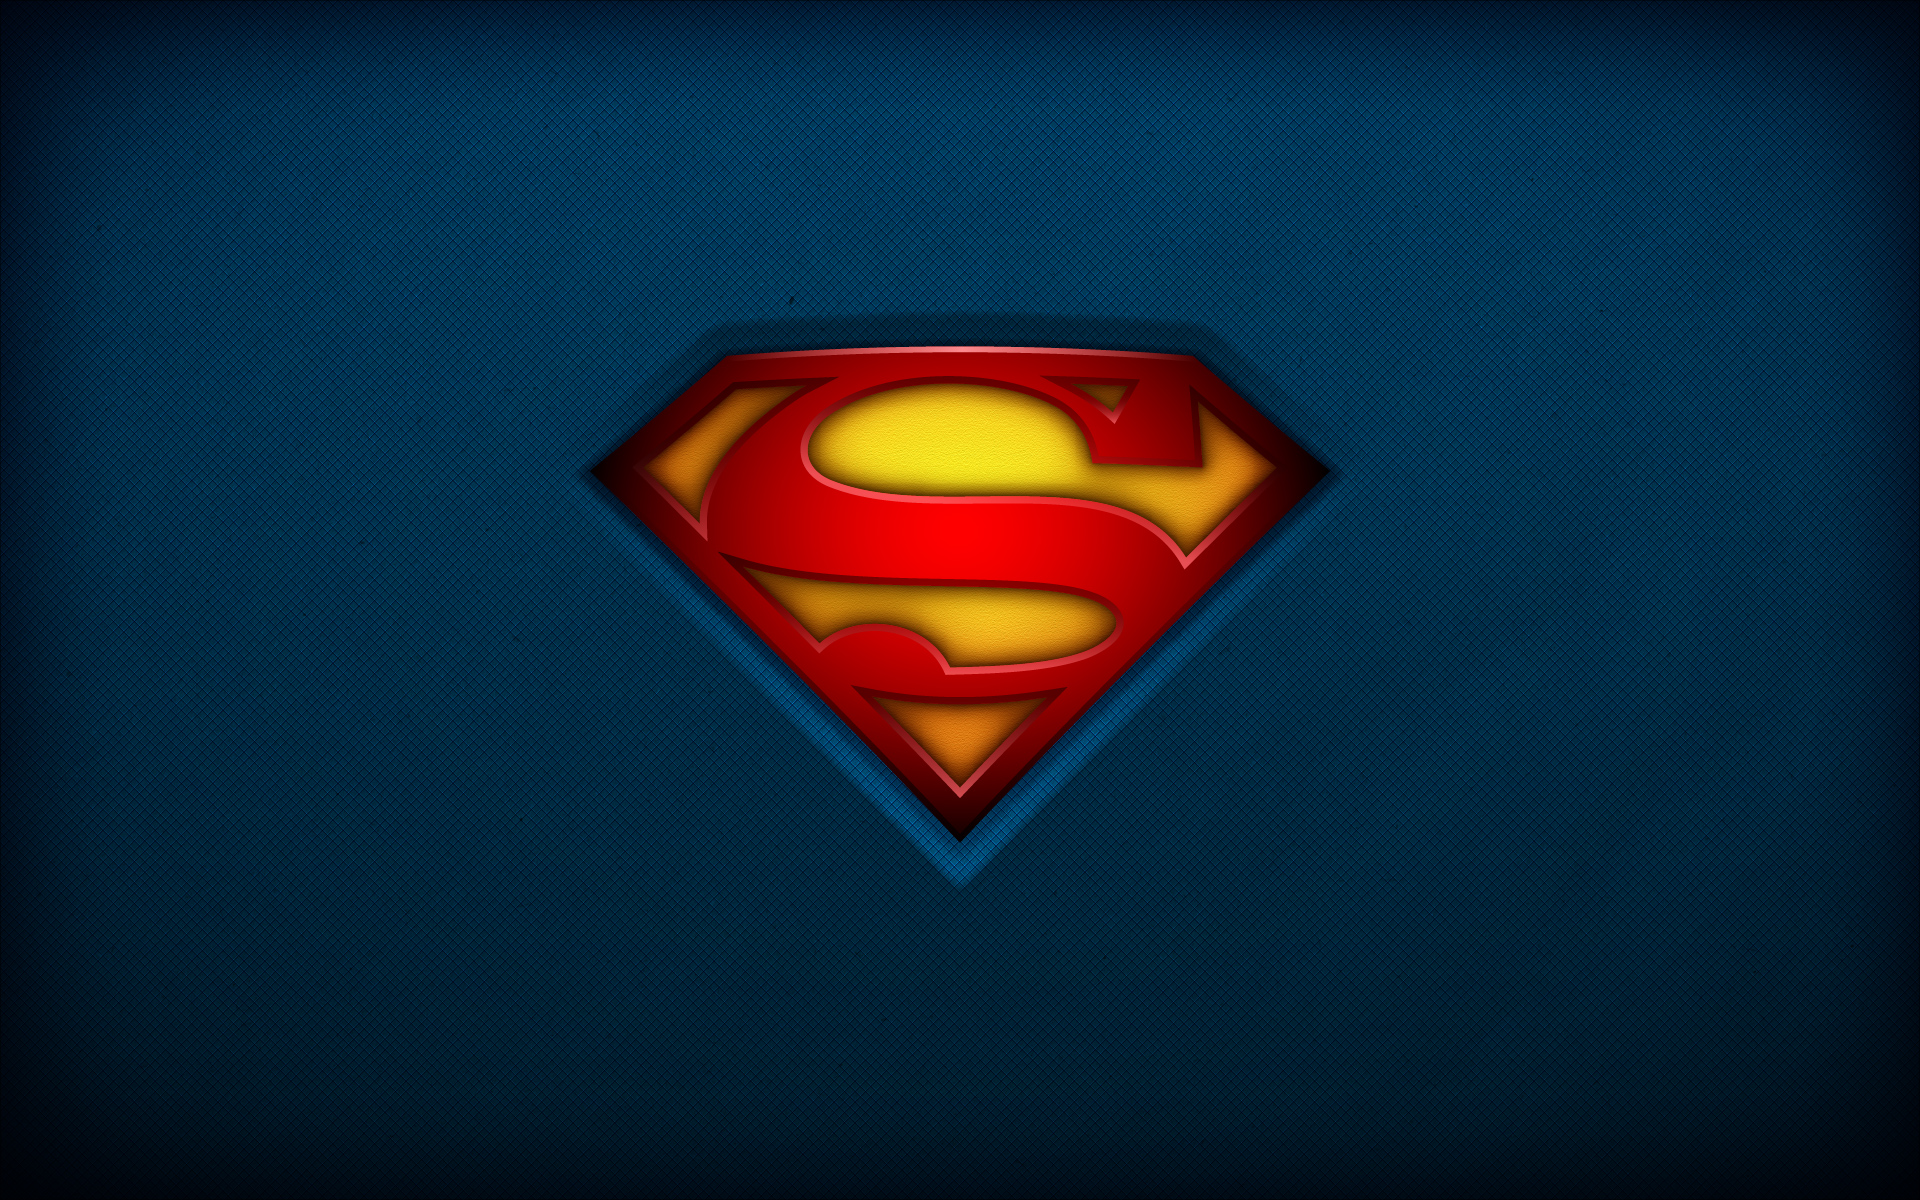 Superman Hd Screensavers 19201200 124813 HD Wallpaper Res 1920x1200